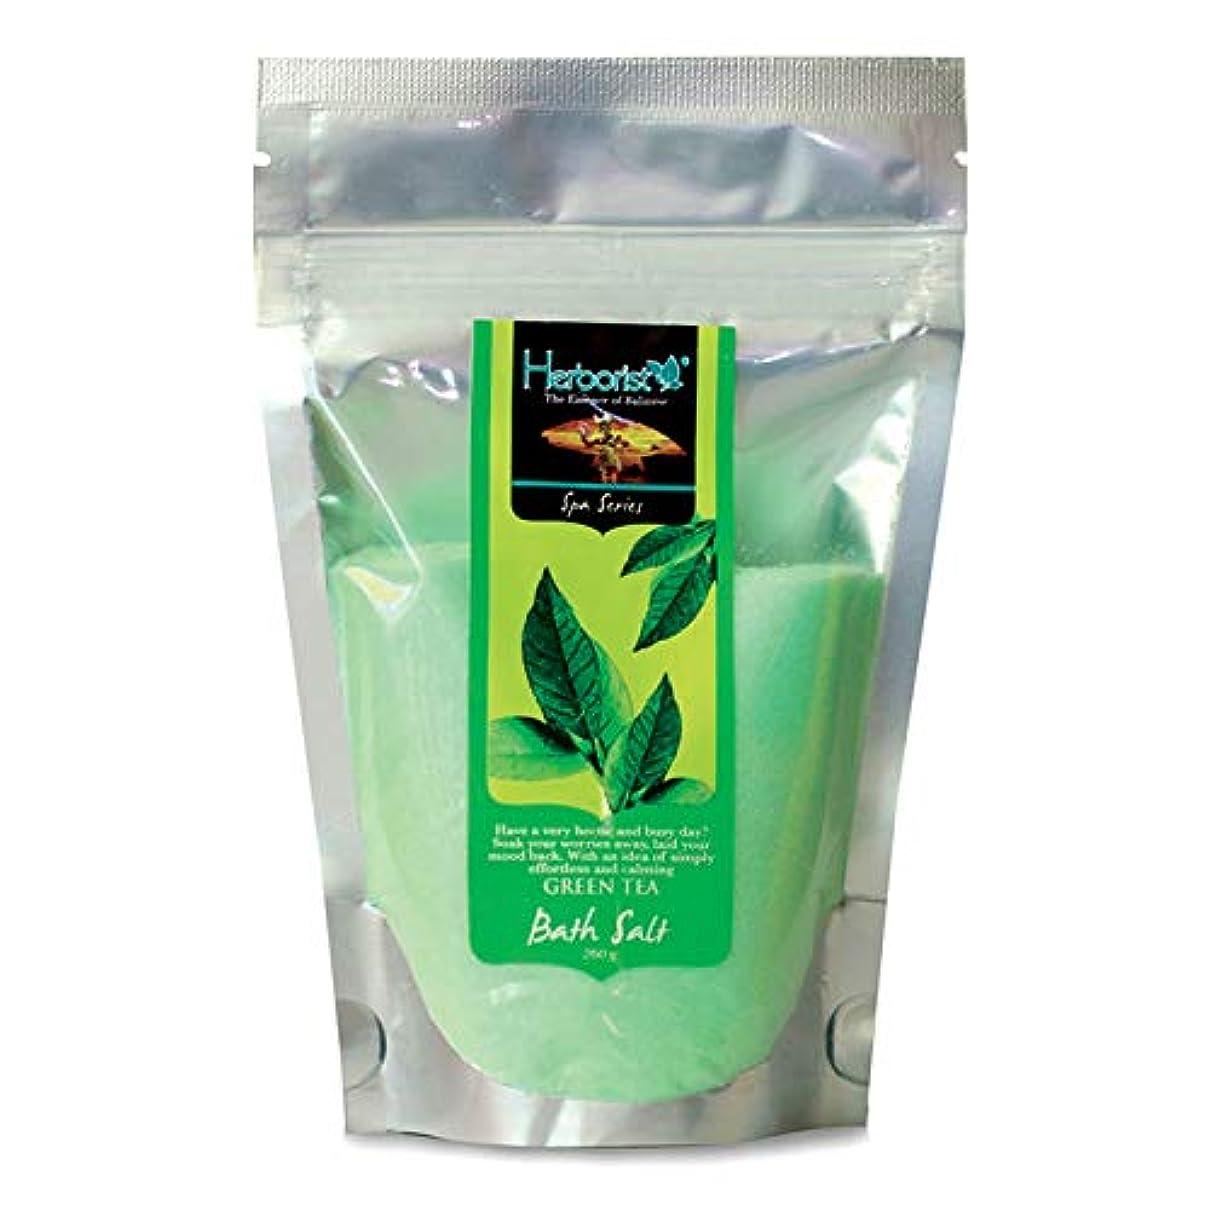 大理石独立したチームHerborist ハーボリスト Bath Salt バスソルト バリ島の香り漂う入浴剤 250g Green Tea グリーンティー [海外直送品]